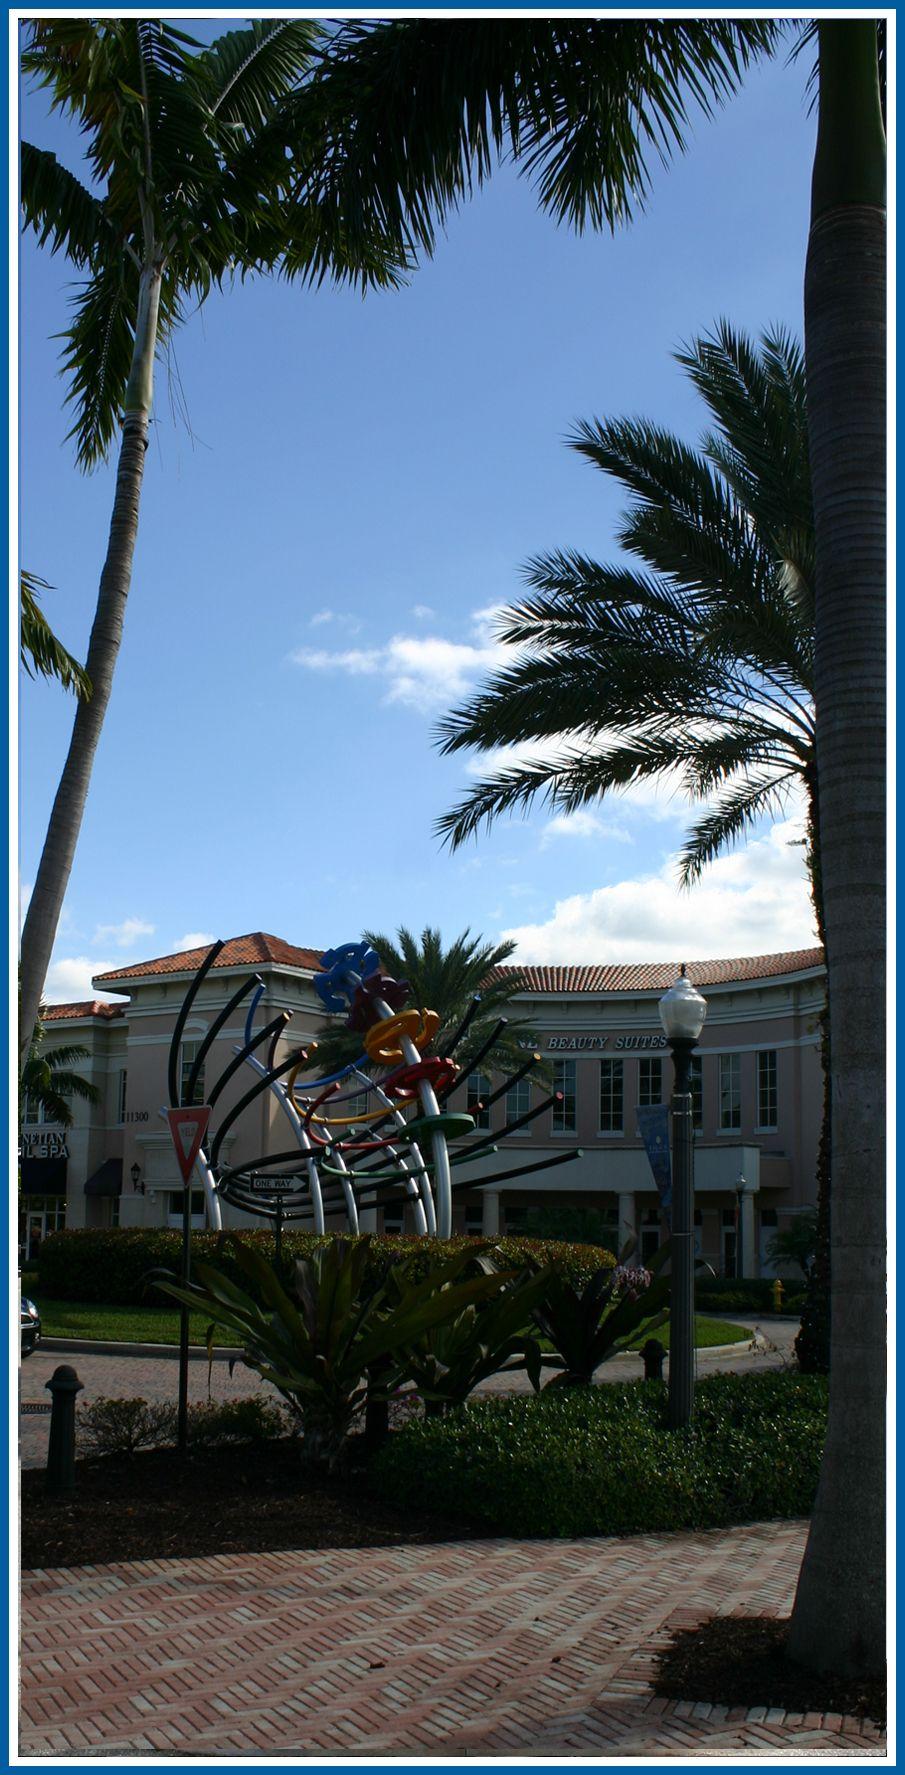 03d115b8a2ecd8774f440ab6b7f73241 - Legacy Place Condominiums Palm Beach Gardens